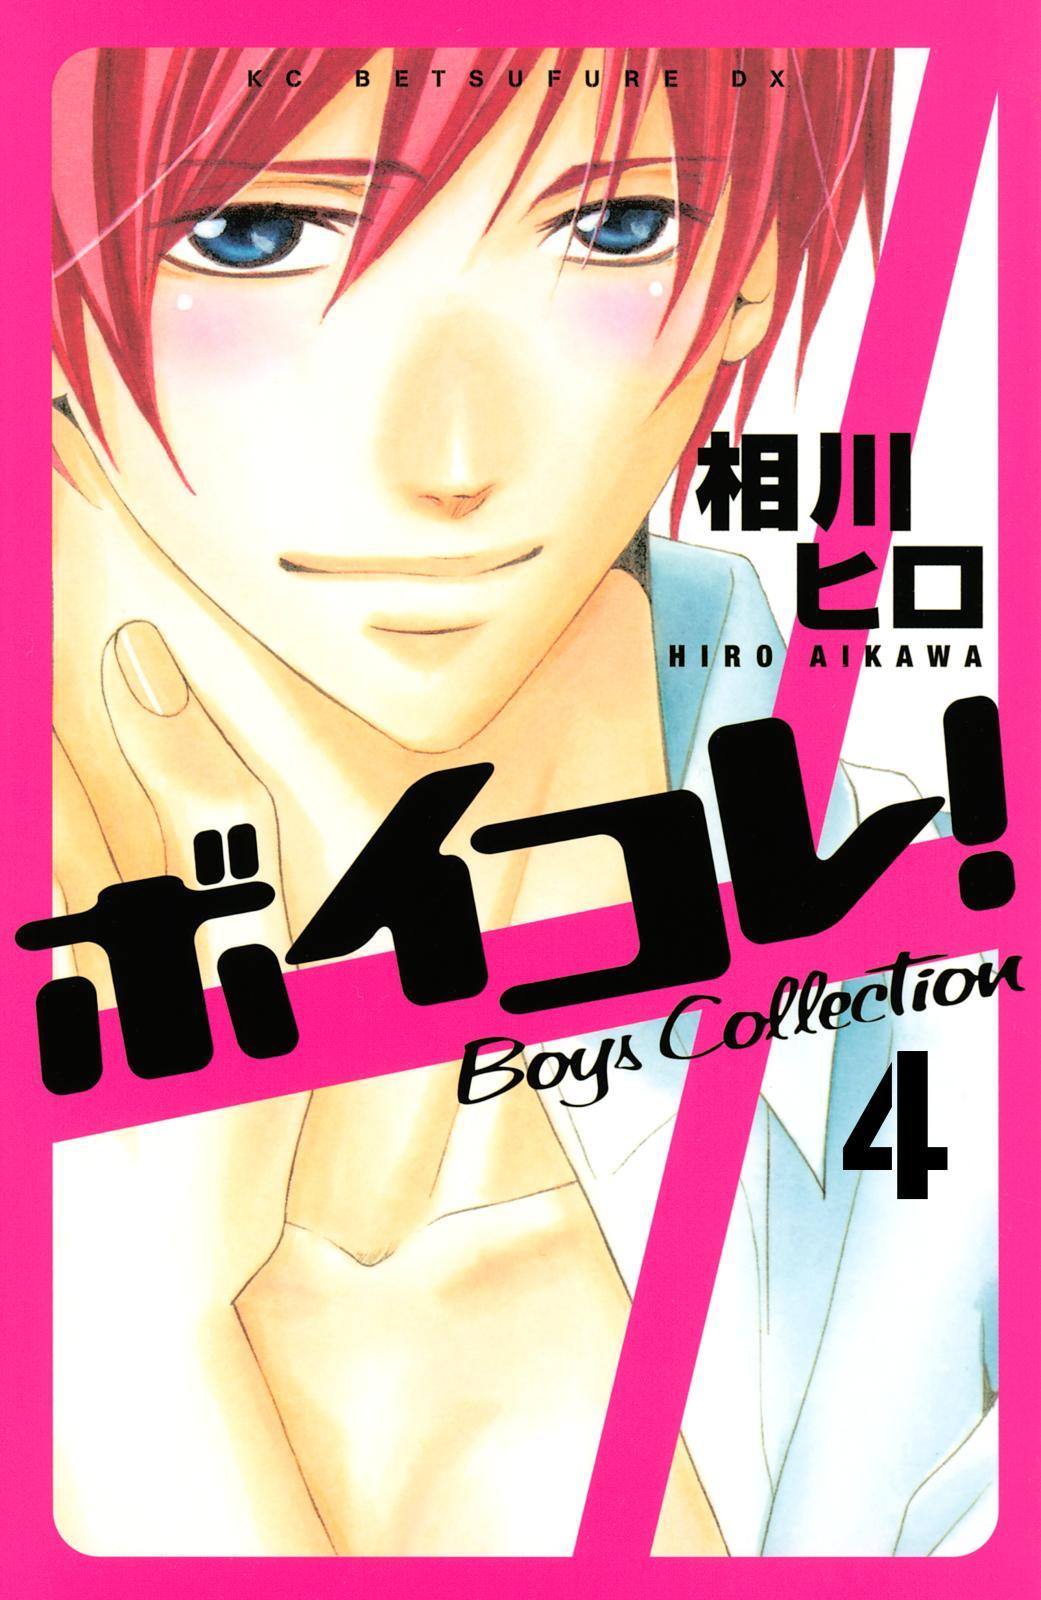 ボイコレ! 分冊版 Boys Collection(4)